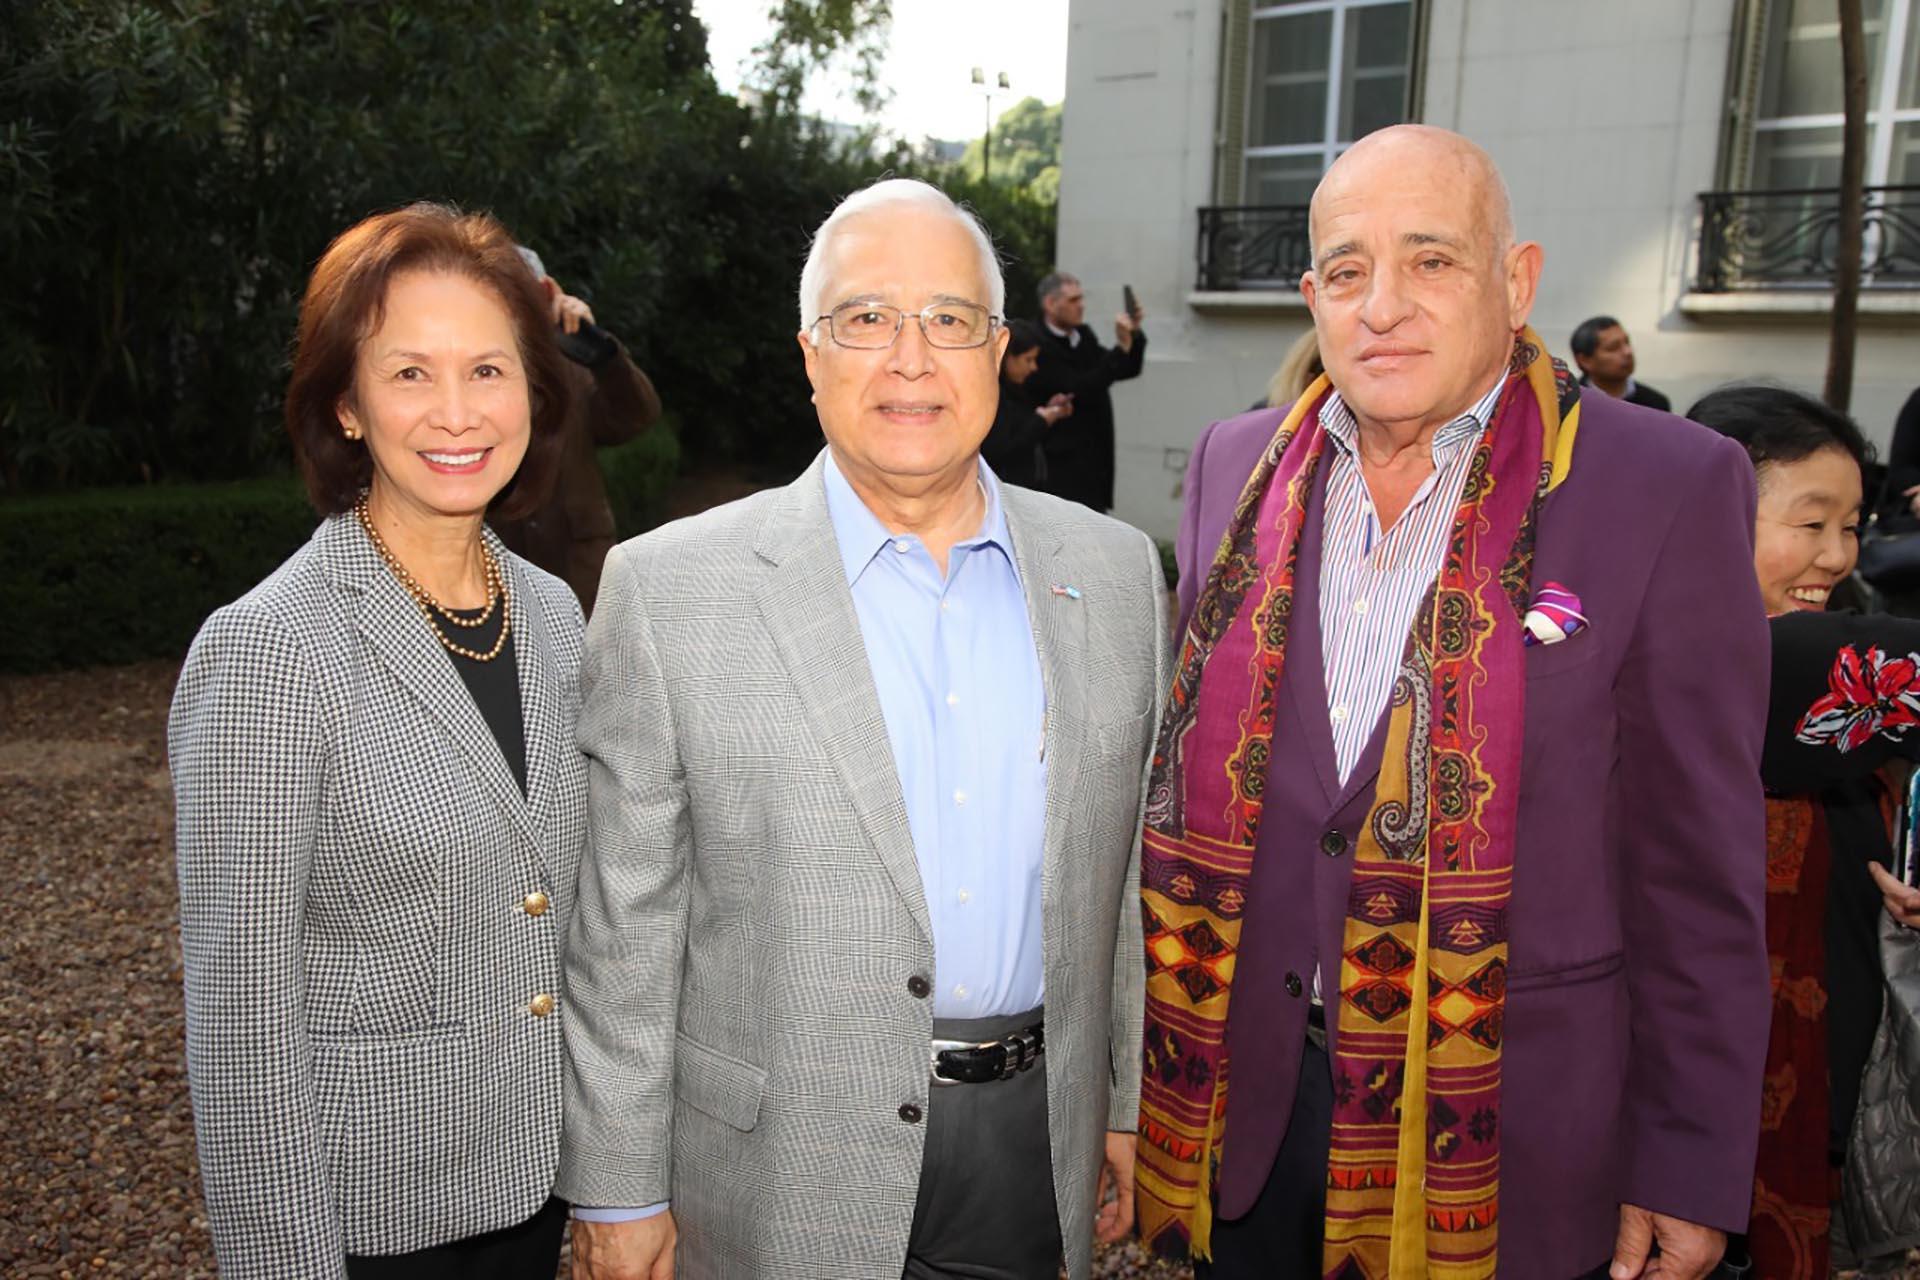 El embajador de los Estados Unidos, Edward Prado, y su esposa Maria con Anibal Jozami